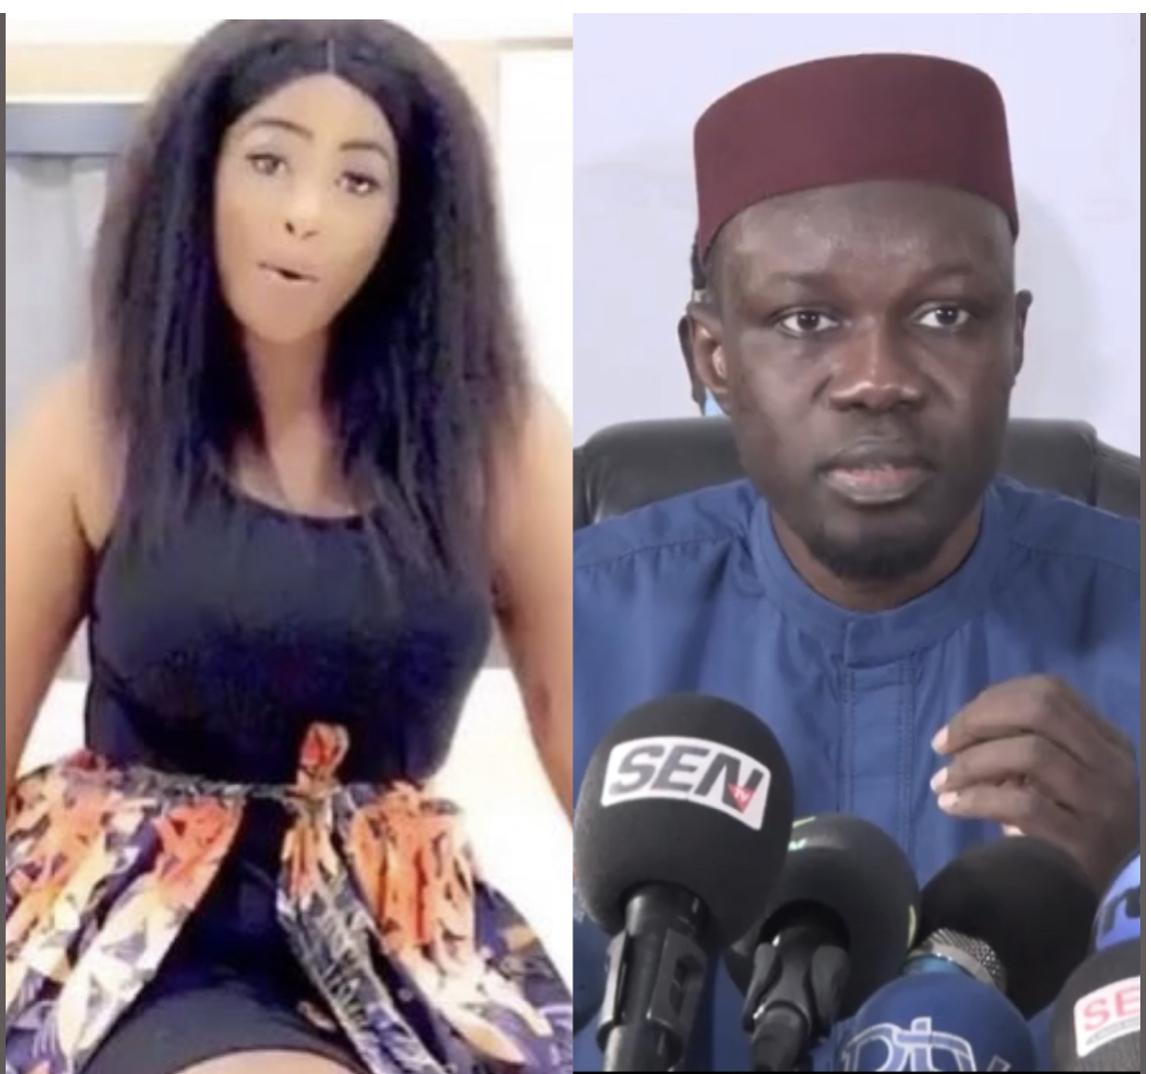 Affaire Adji Sarr vs Ousmane Sonko: Menaces de mort présumées contre le juge Mamadou Seck